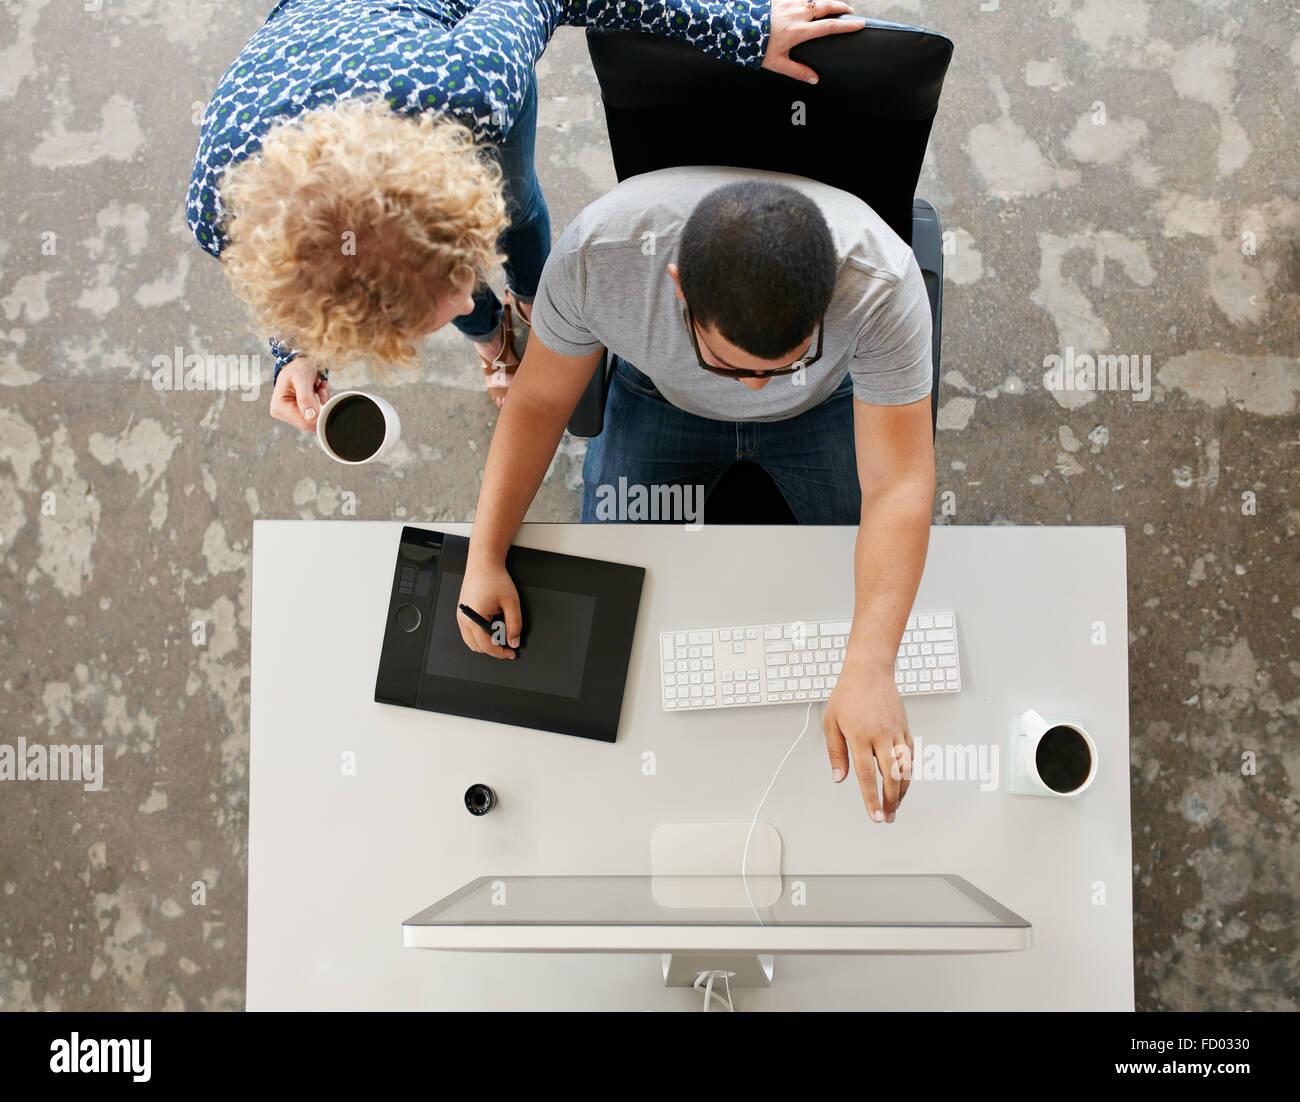 Draufsicht der junge Grafik-Designer arbeiten im Büro. Verwendung von digitalisierten Grafiktablett, digitalisierte Stockbild